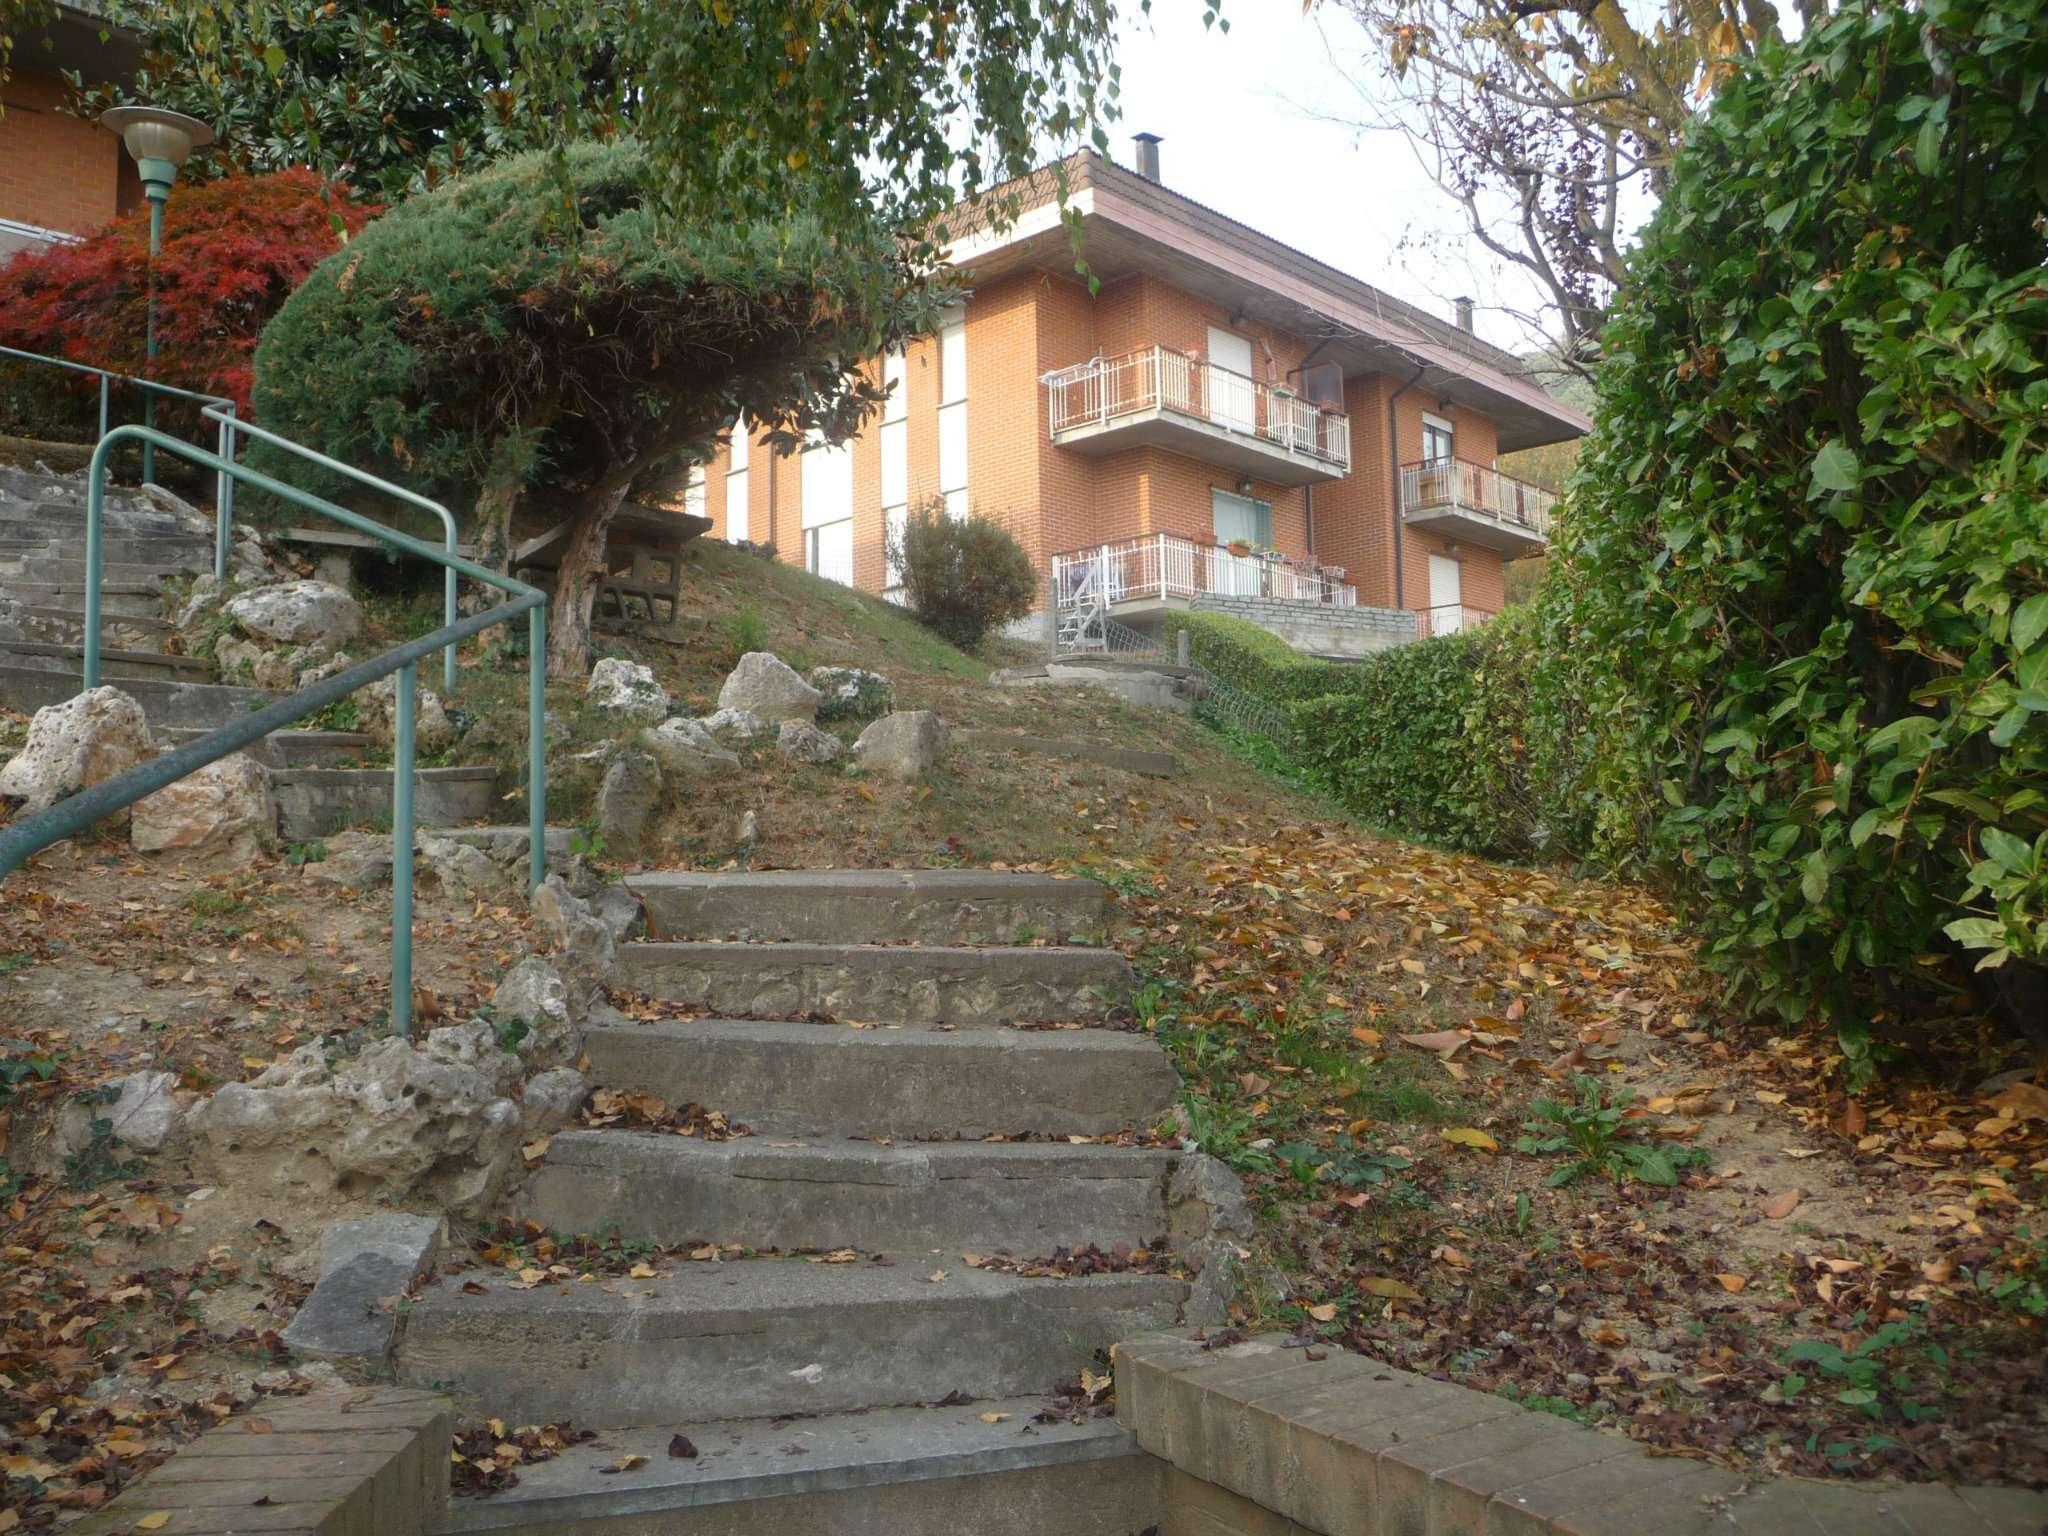 Appartamento in vendita a Rubiana, 2 locali, prezzo € 29.000 | CambioCasa.it